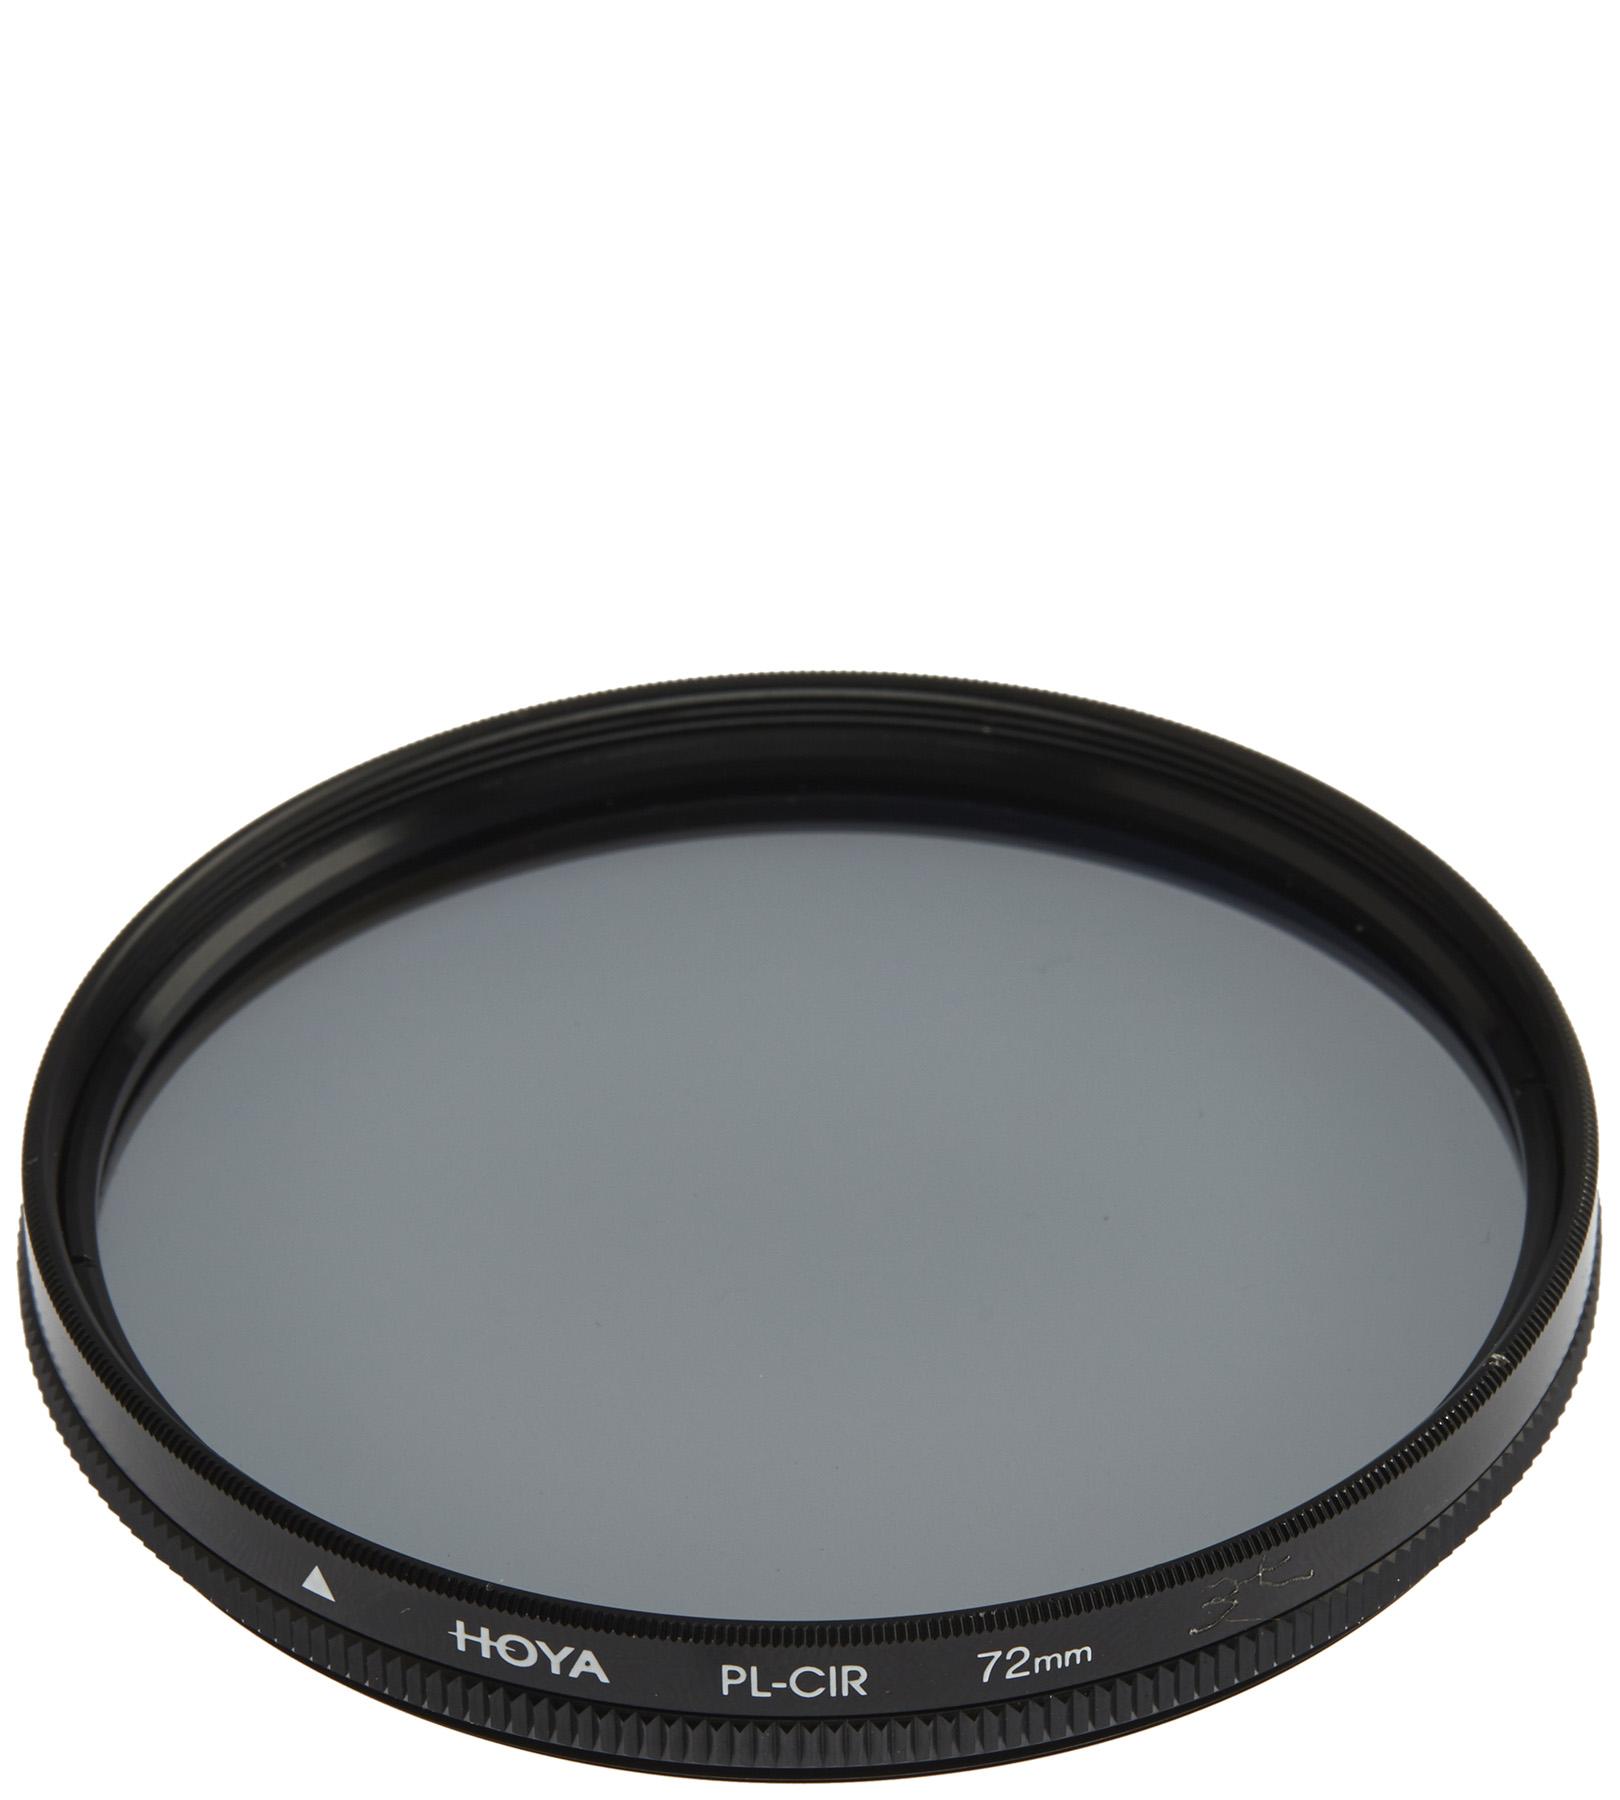 Filtro de lente polarizador circular 72mm Hoya